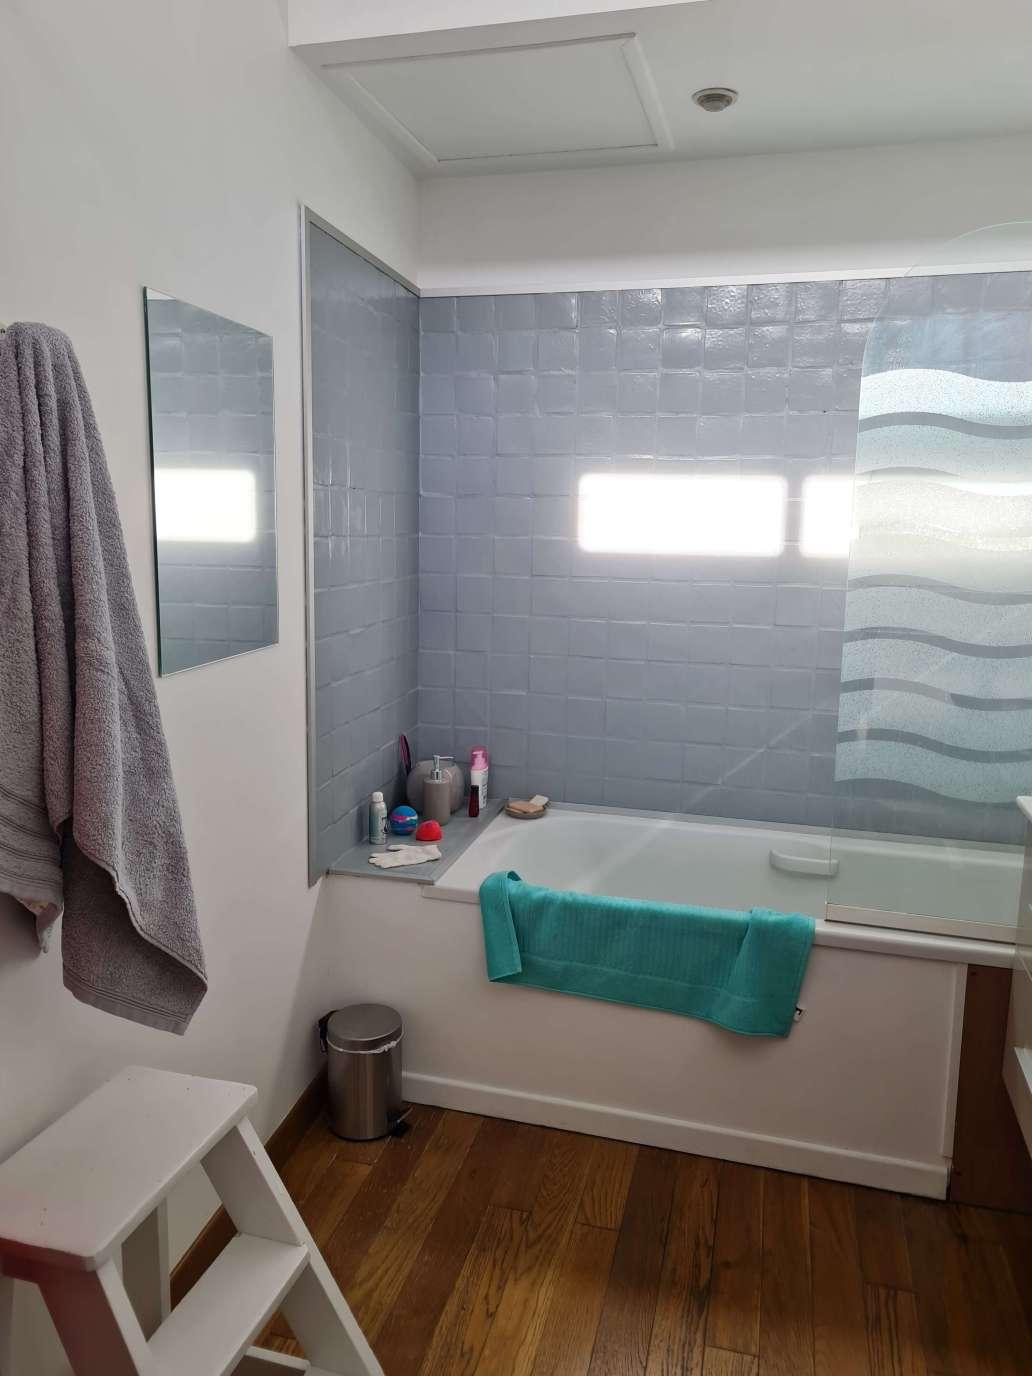 20210213 144103 1536x2048 - Airbnb Tour : visite privée d'une tiny house à Bayeux